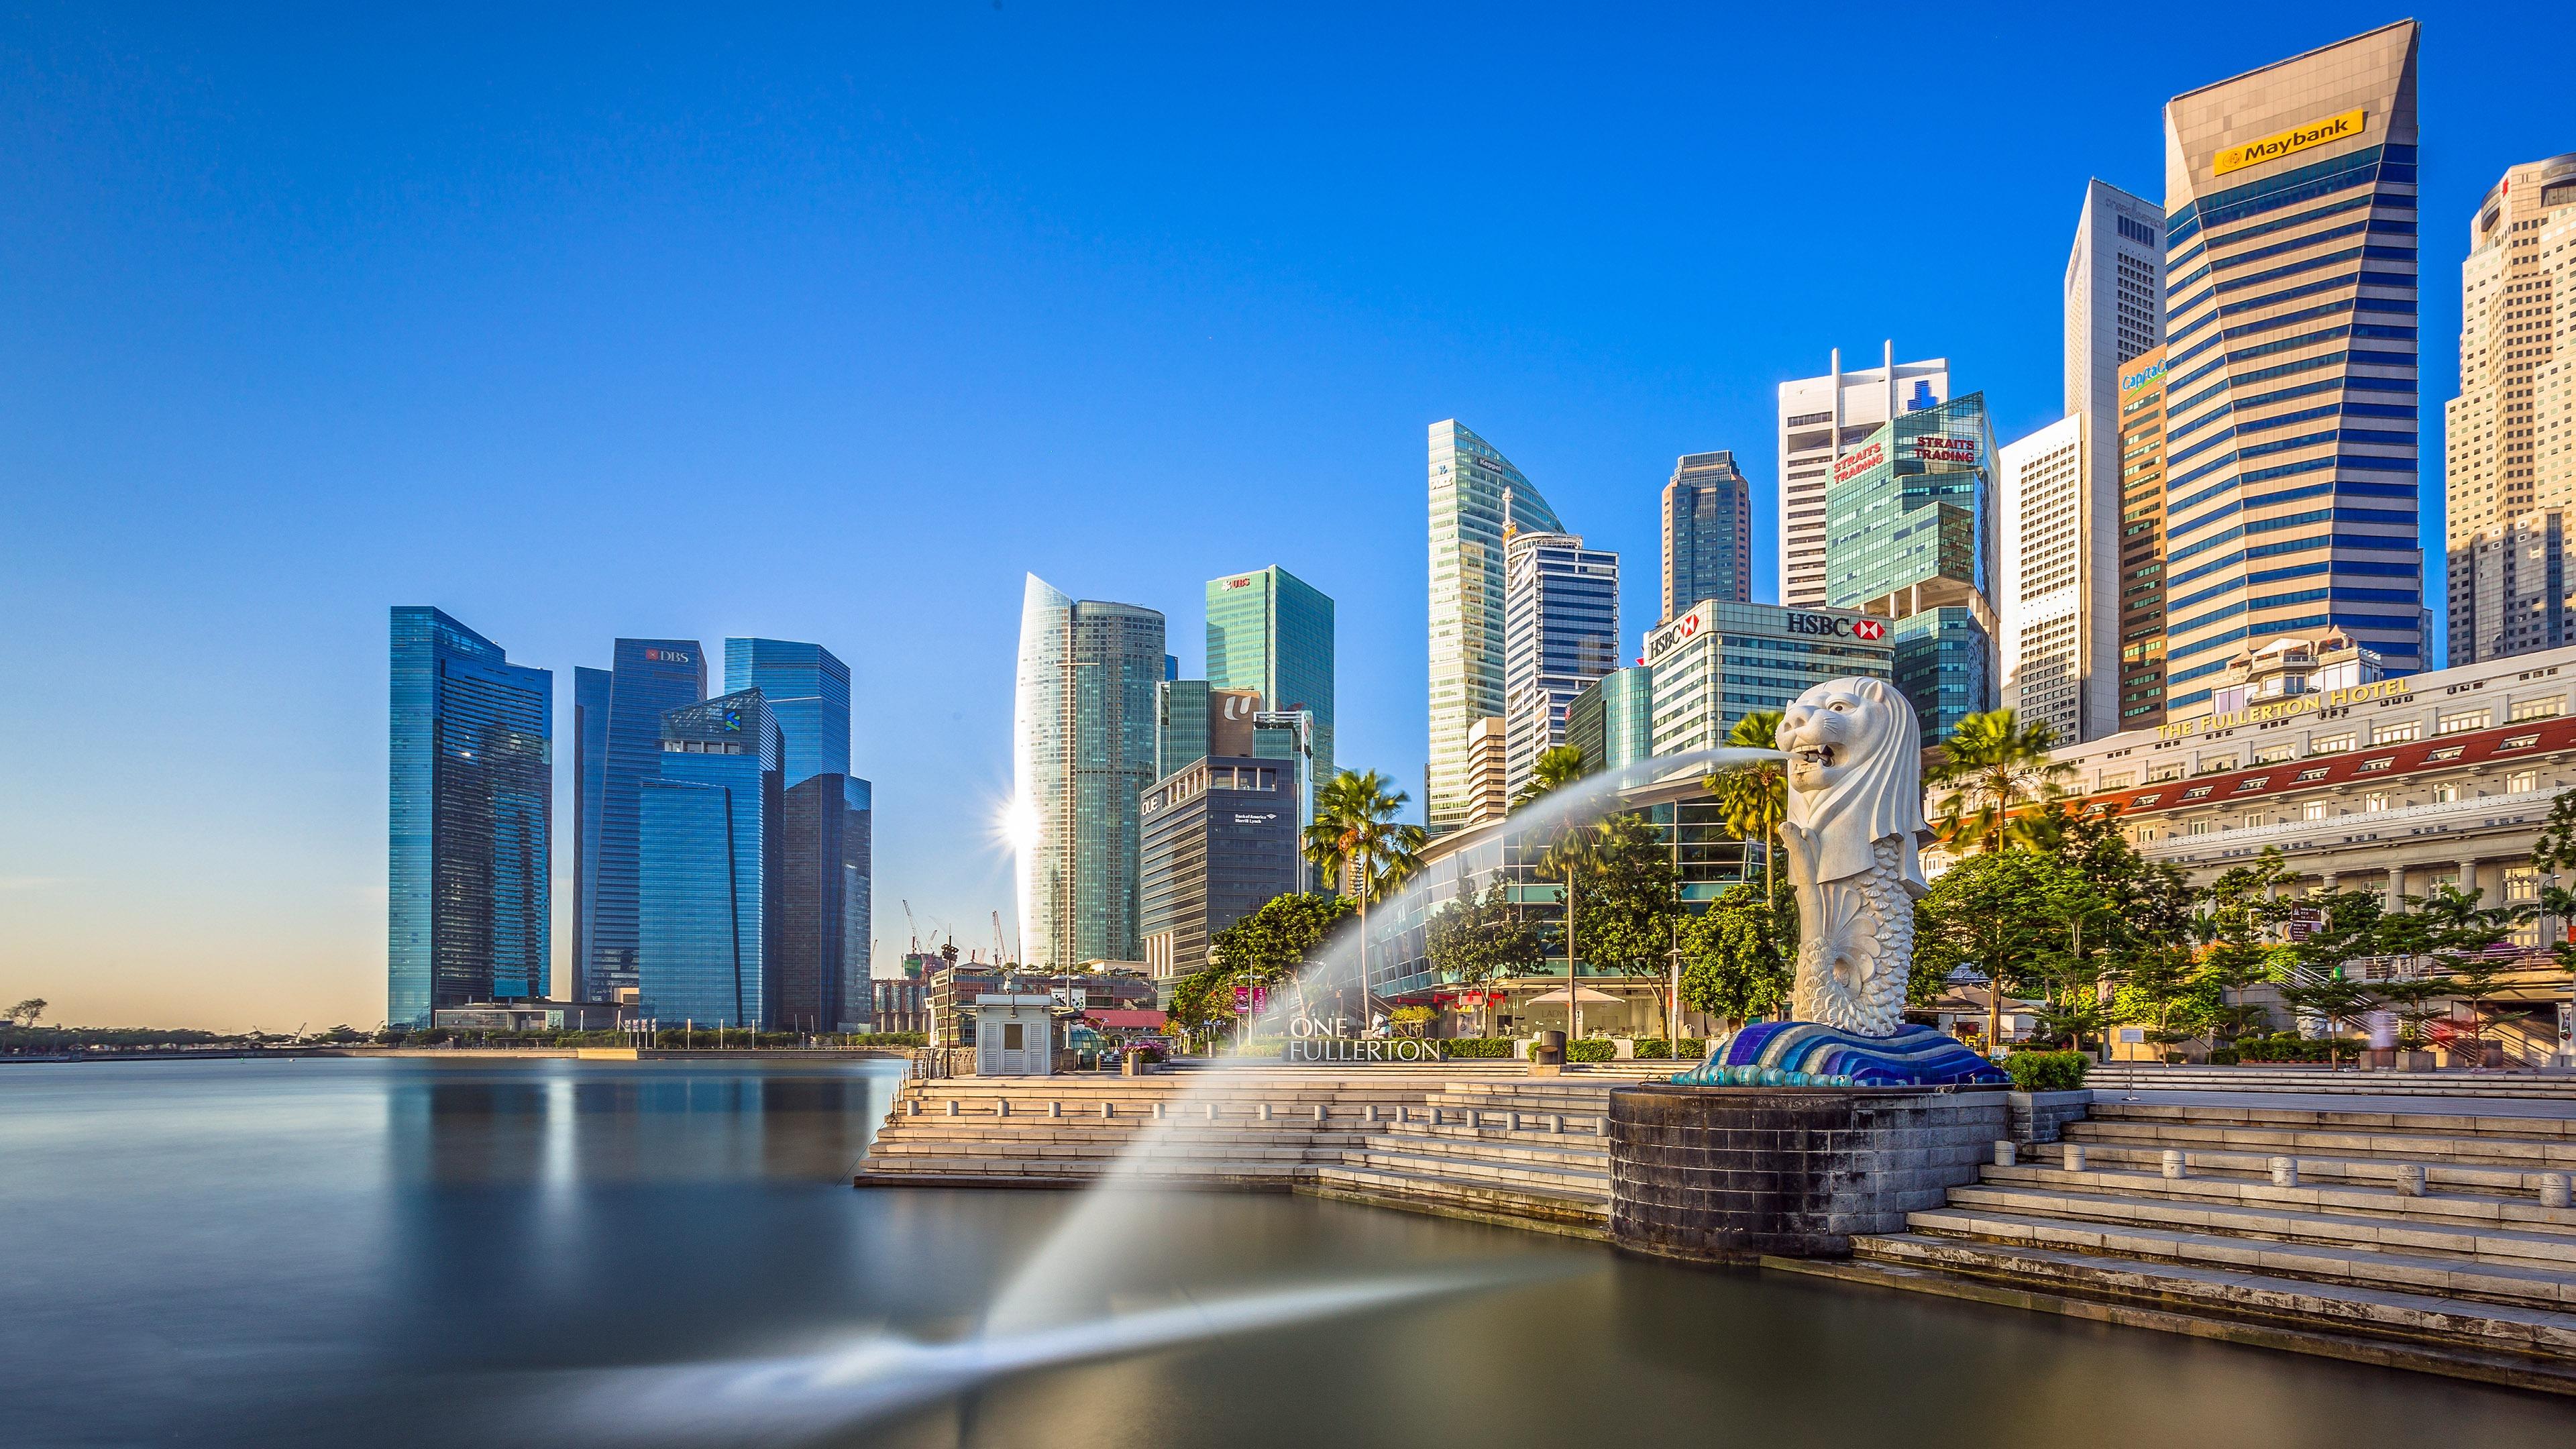 繁华都市_新加坡,滨海湾金沙,城市,旅游预览   10wallpaper.com